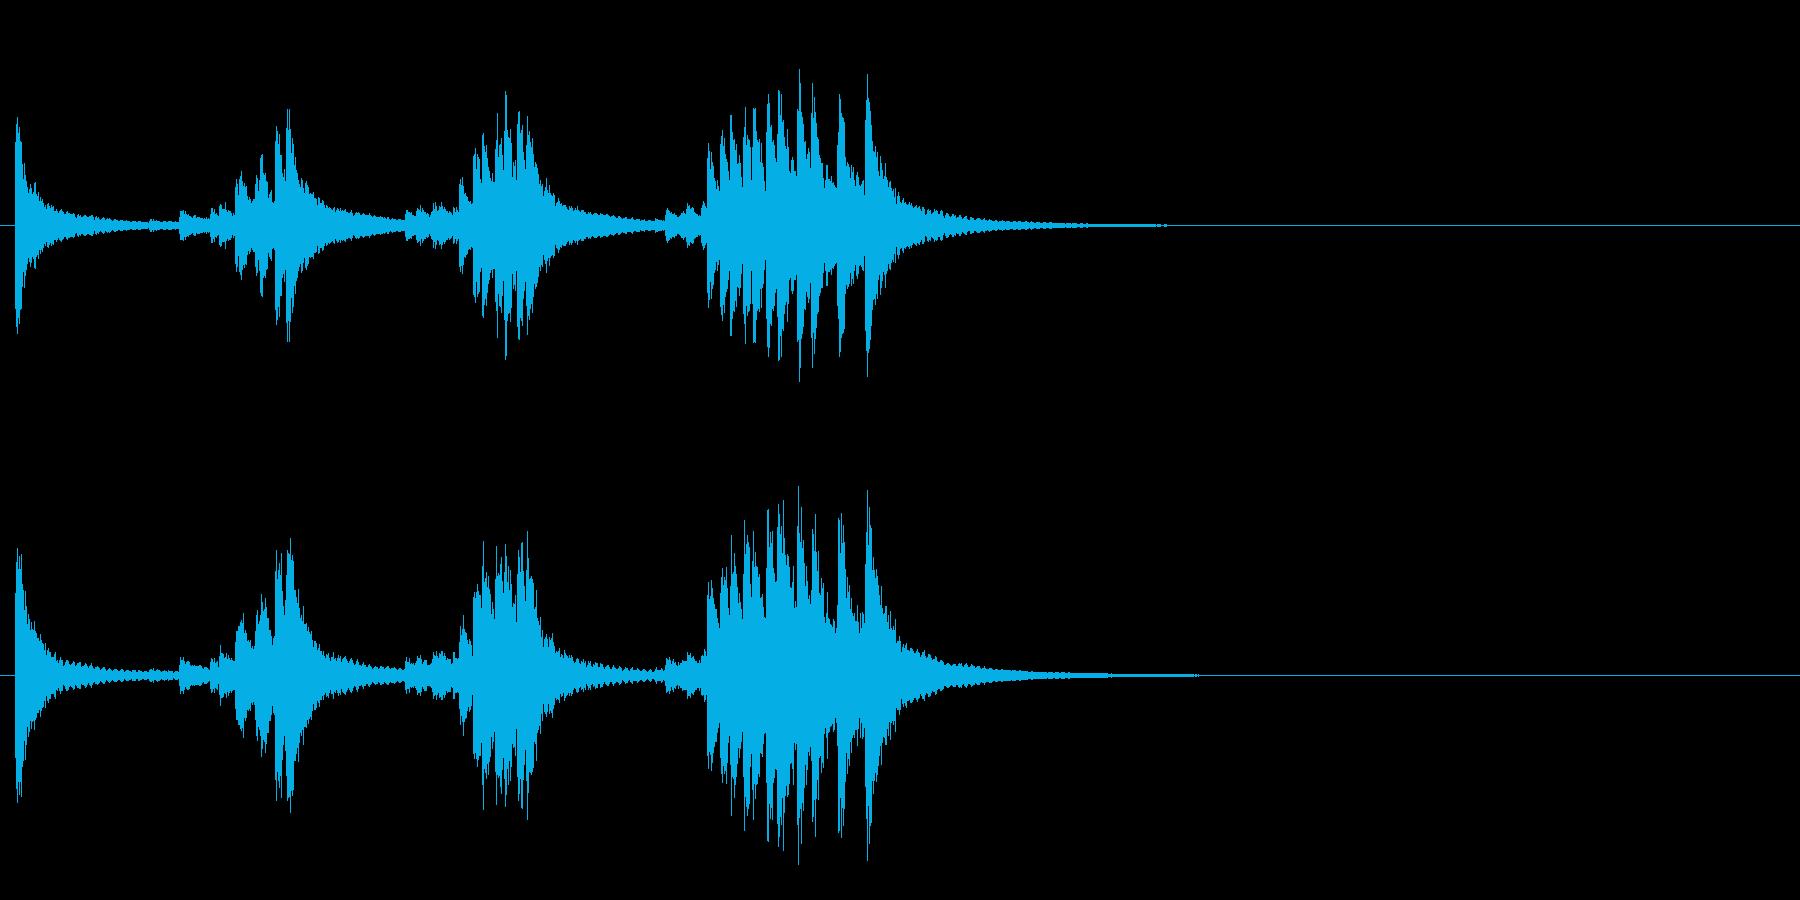 小型の鐘「本つり鐘」のフレーズ音4の再生済みの波形